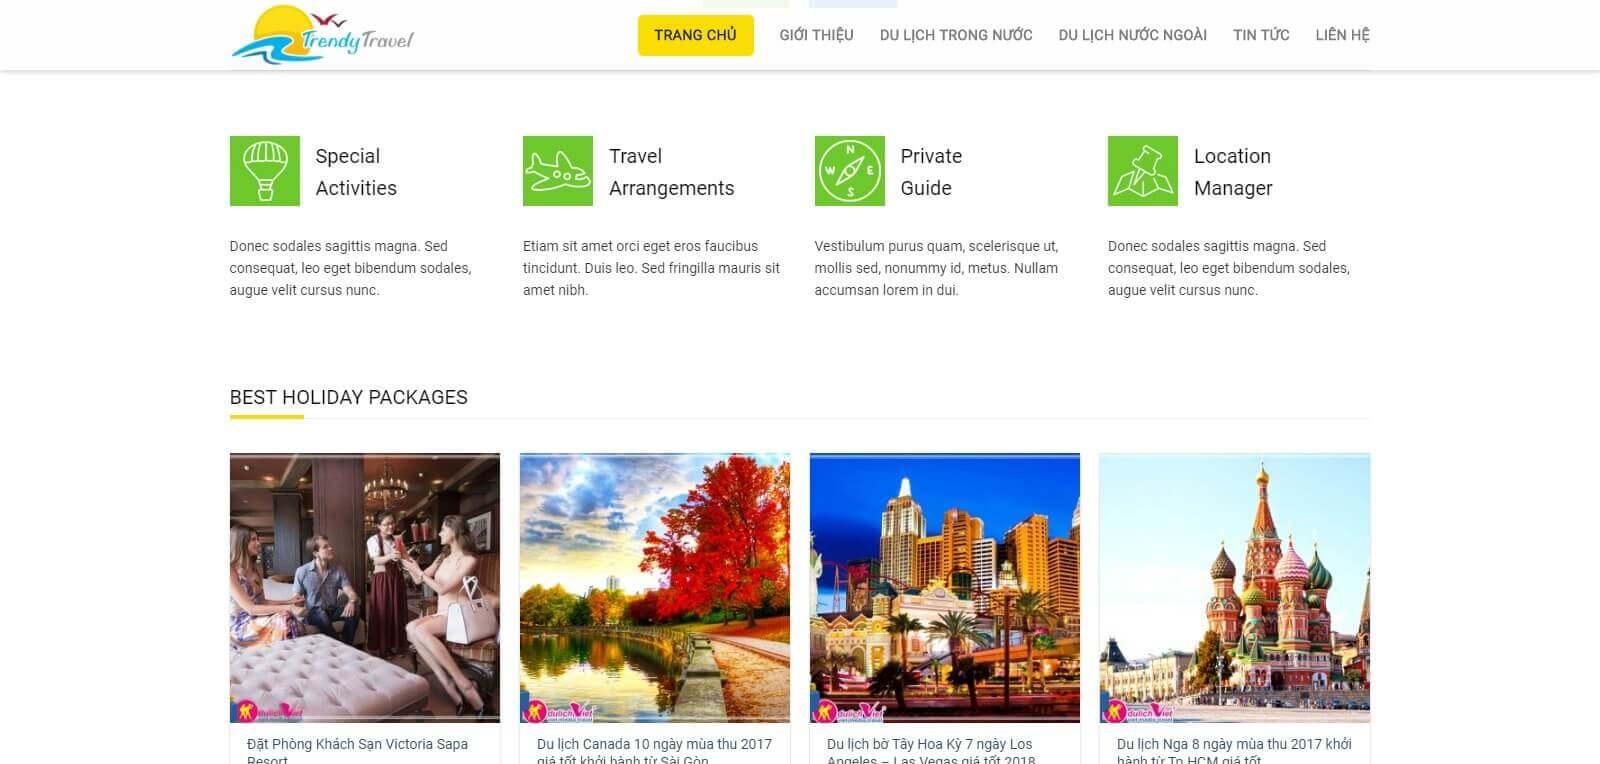 Thiết kế website du lịch, mở rộng thị trường tiềm năng